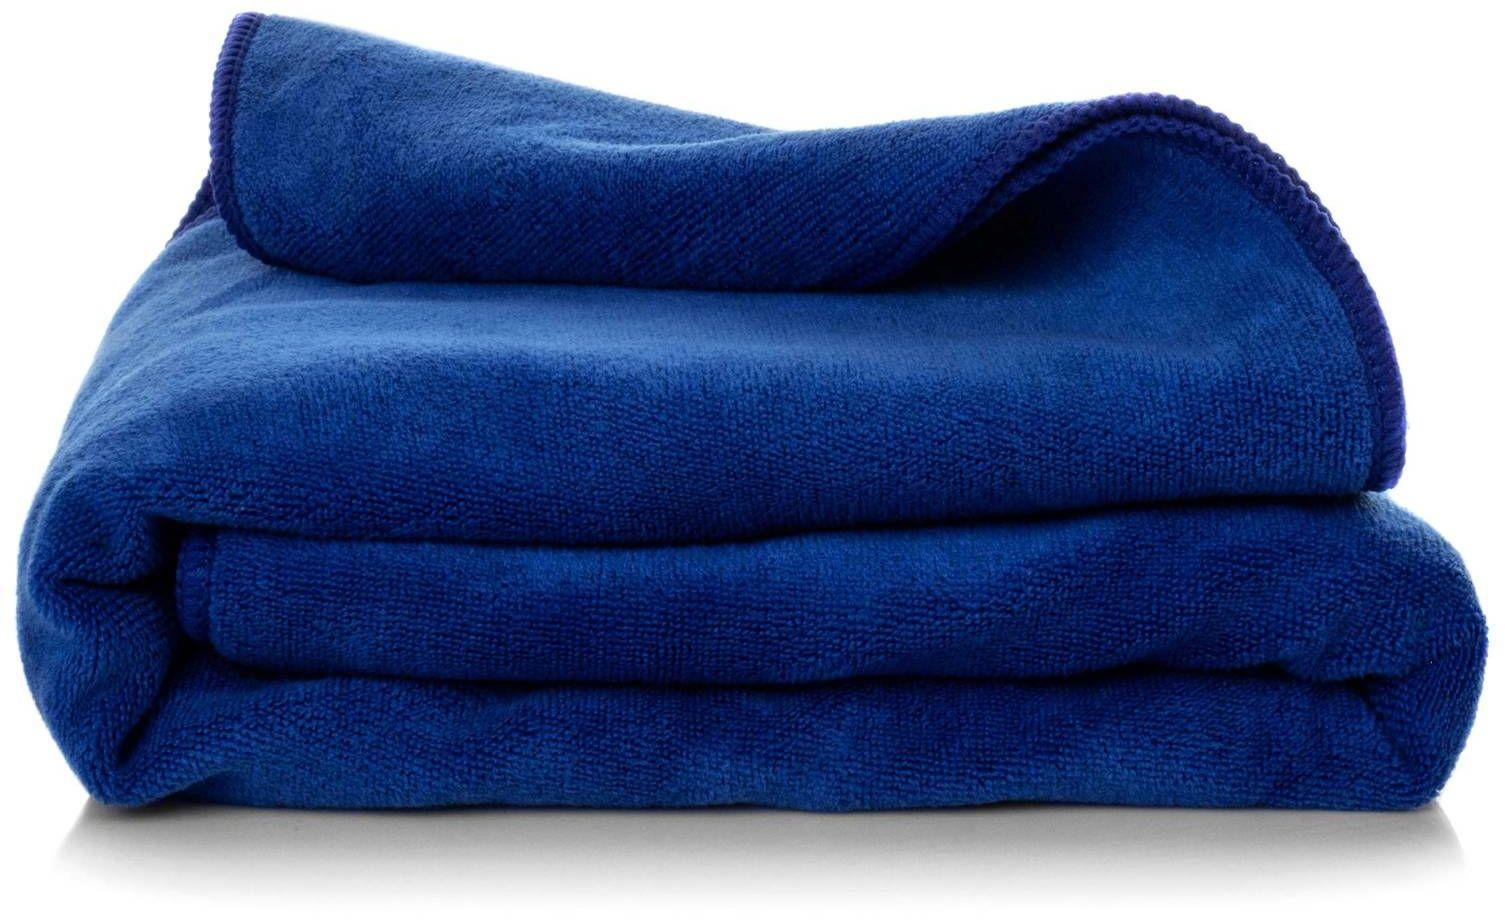 Ręcznik Kąpielowy Eurofirany Amy 11 380 g/m2 Granatowy 50x90